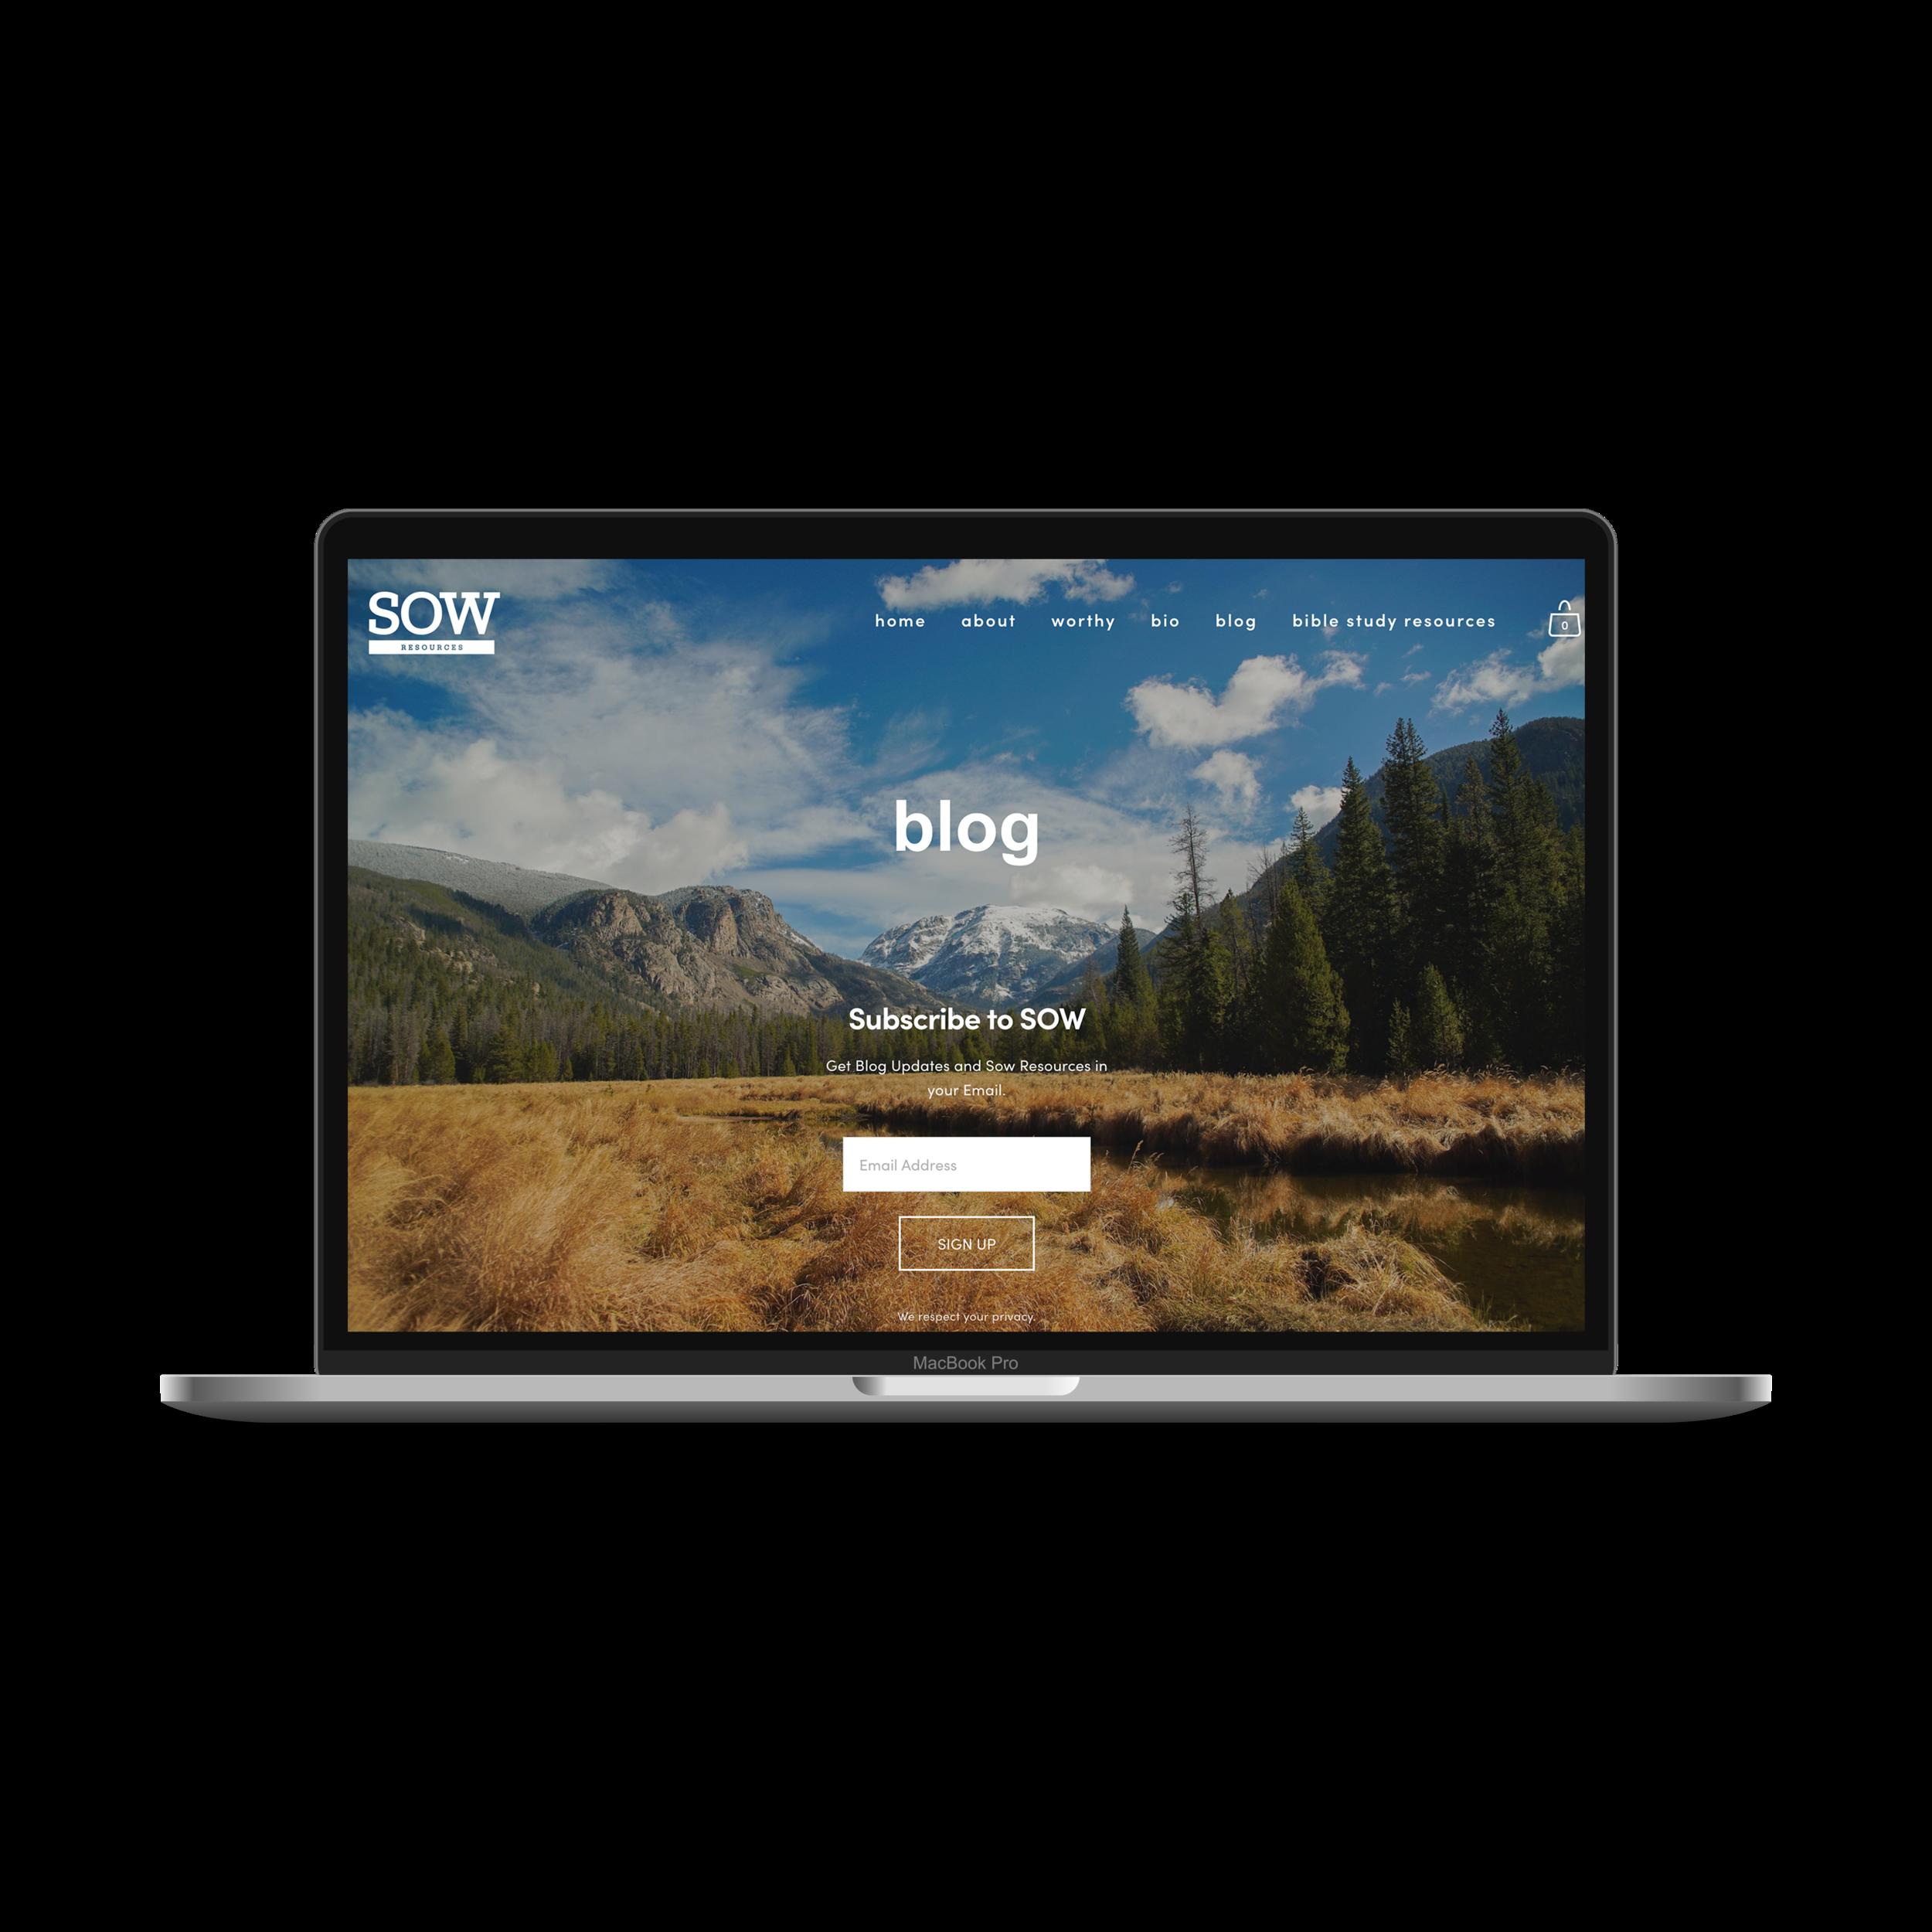 Macbook-Pro-Sow.png